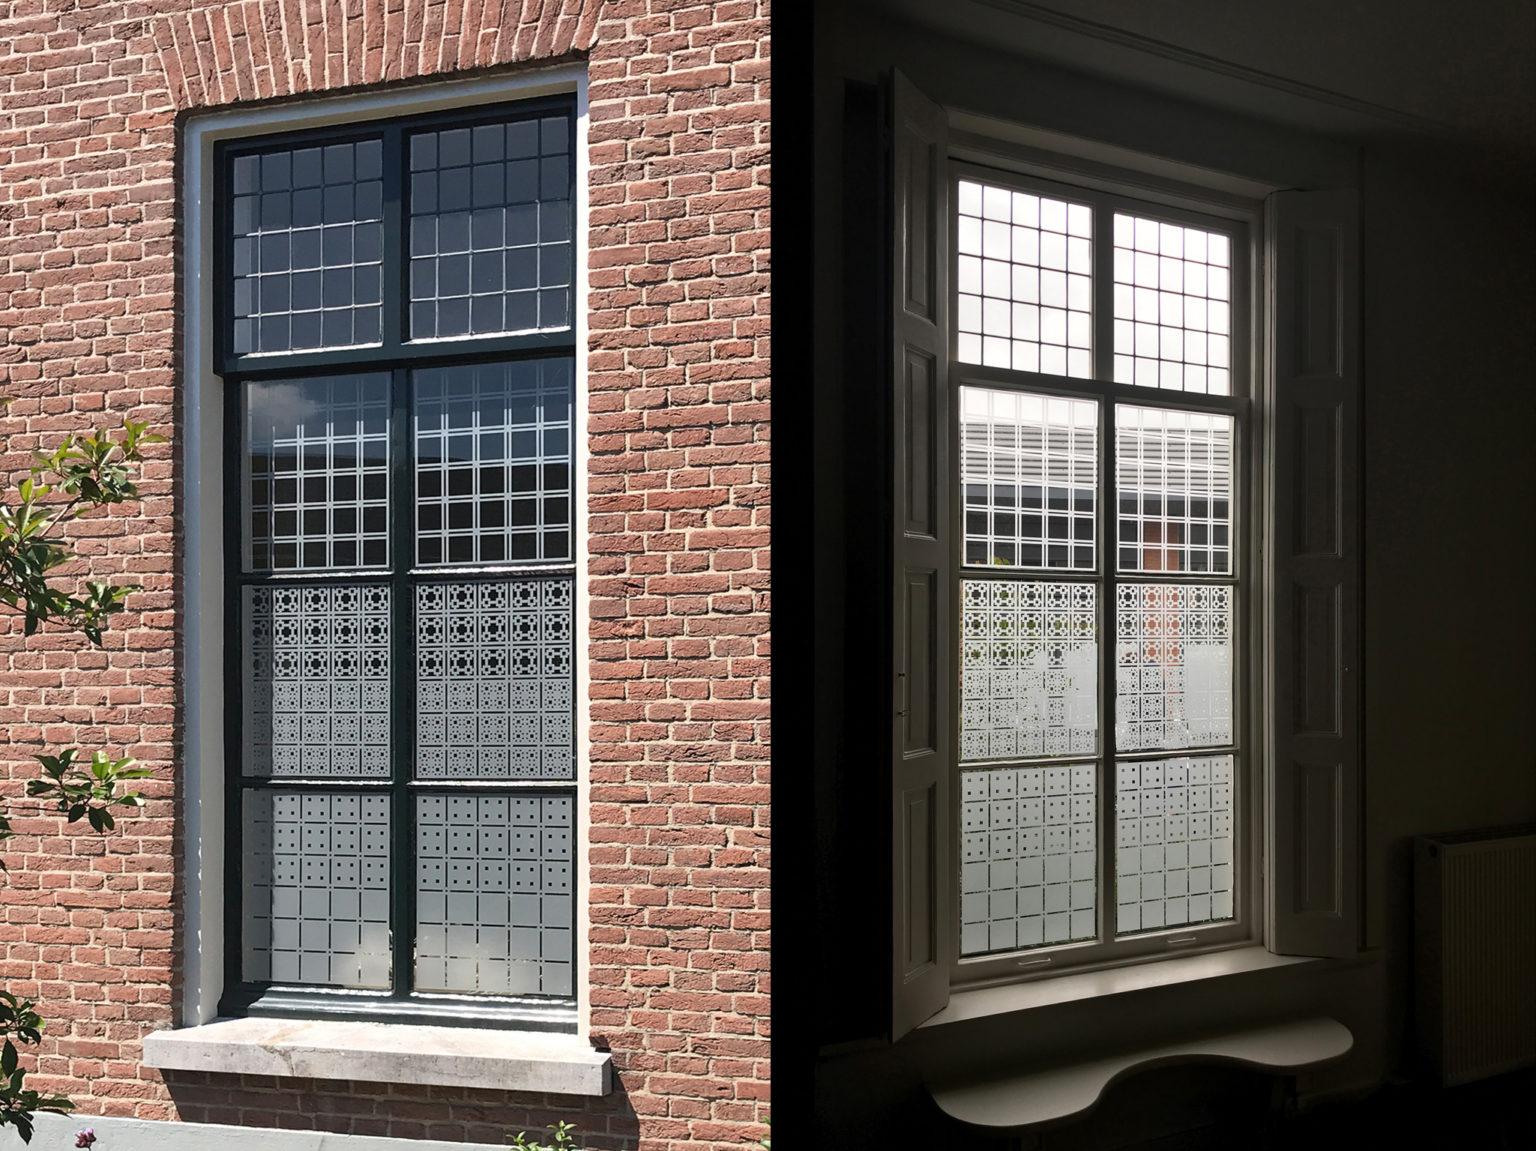 Raamfolie patronen in kantoor van binnen en van buiten gezien.